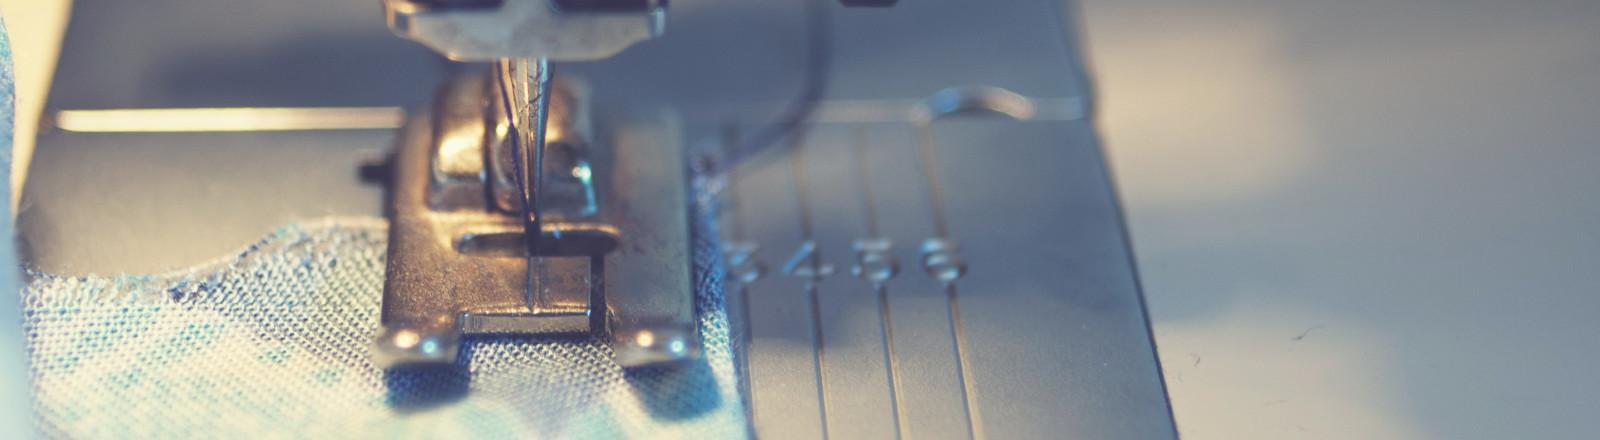 Ein blaugemusterter Stoff liegt unter der Nähnadel einer Nahmaschine.